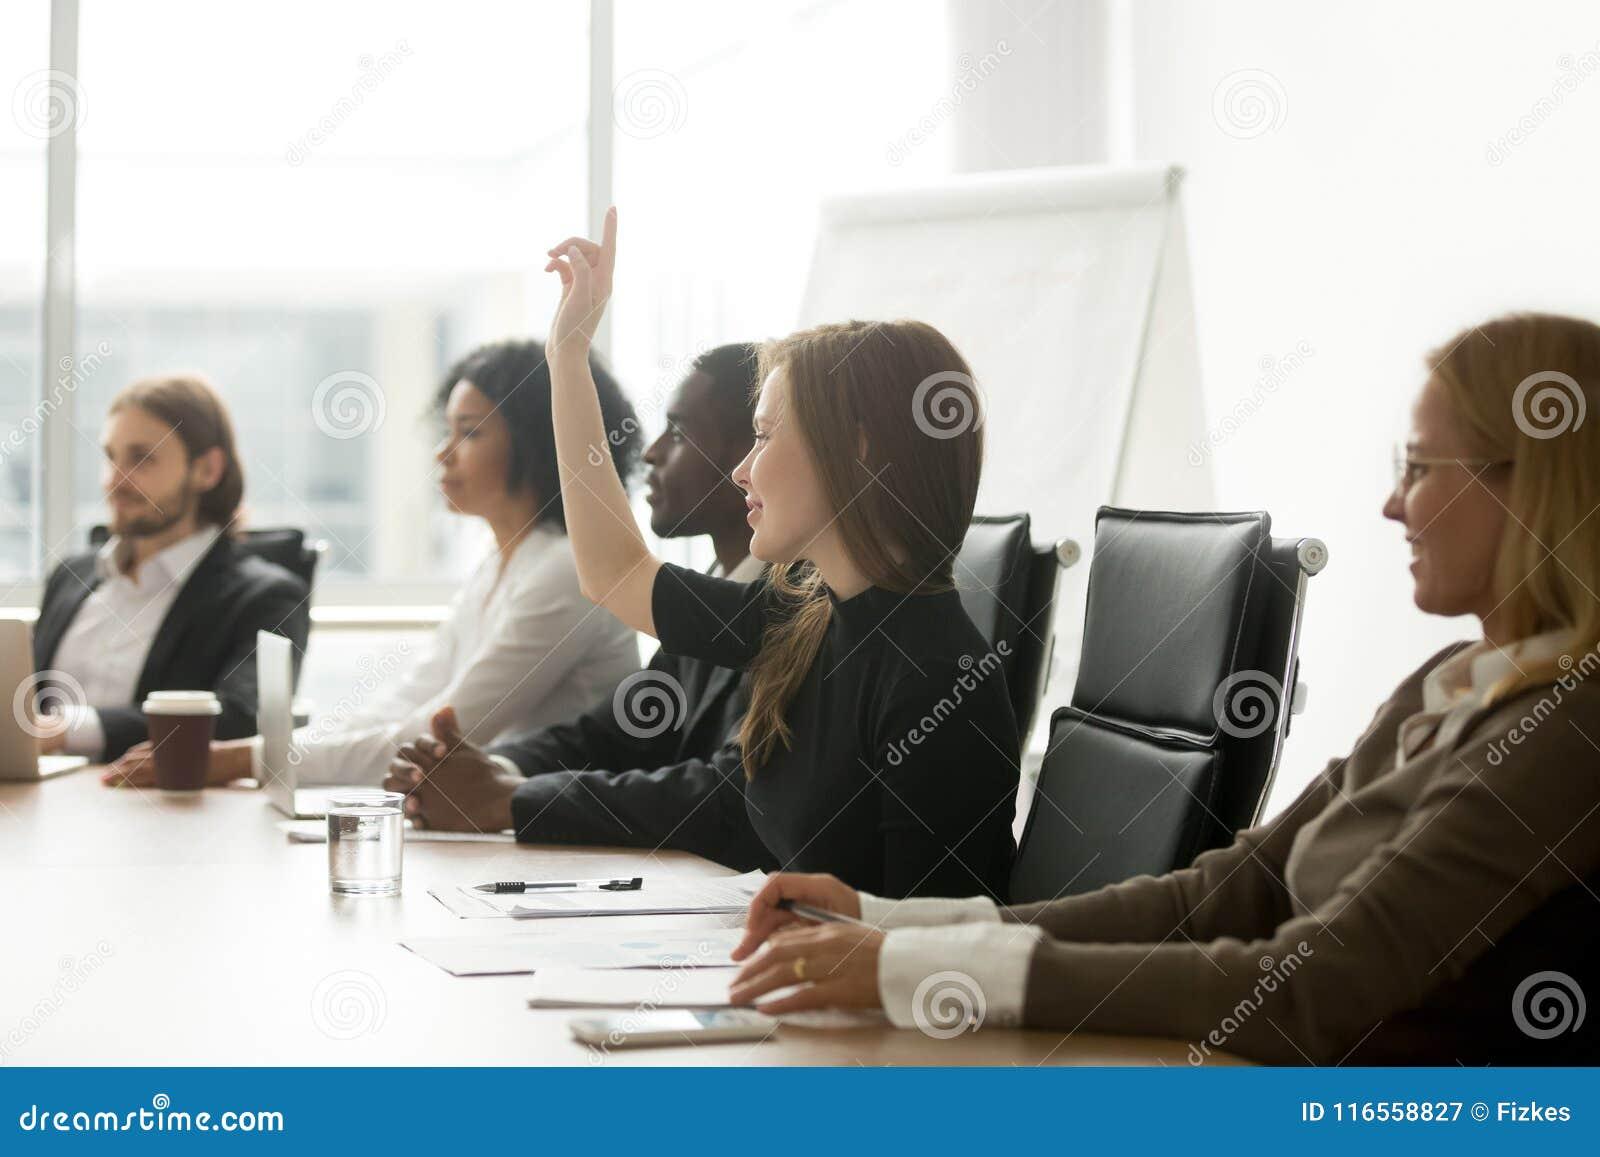 Χαμογελώντας περίεργη επιχειρηματίας που αυξάνει το χέρι στο voti συνεδρίασης της ομάδας